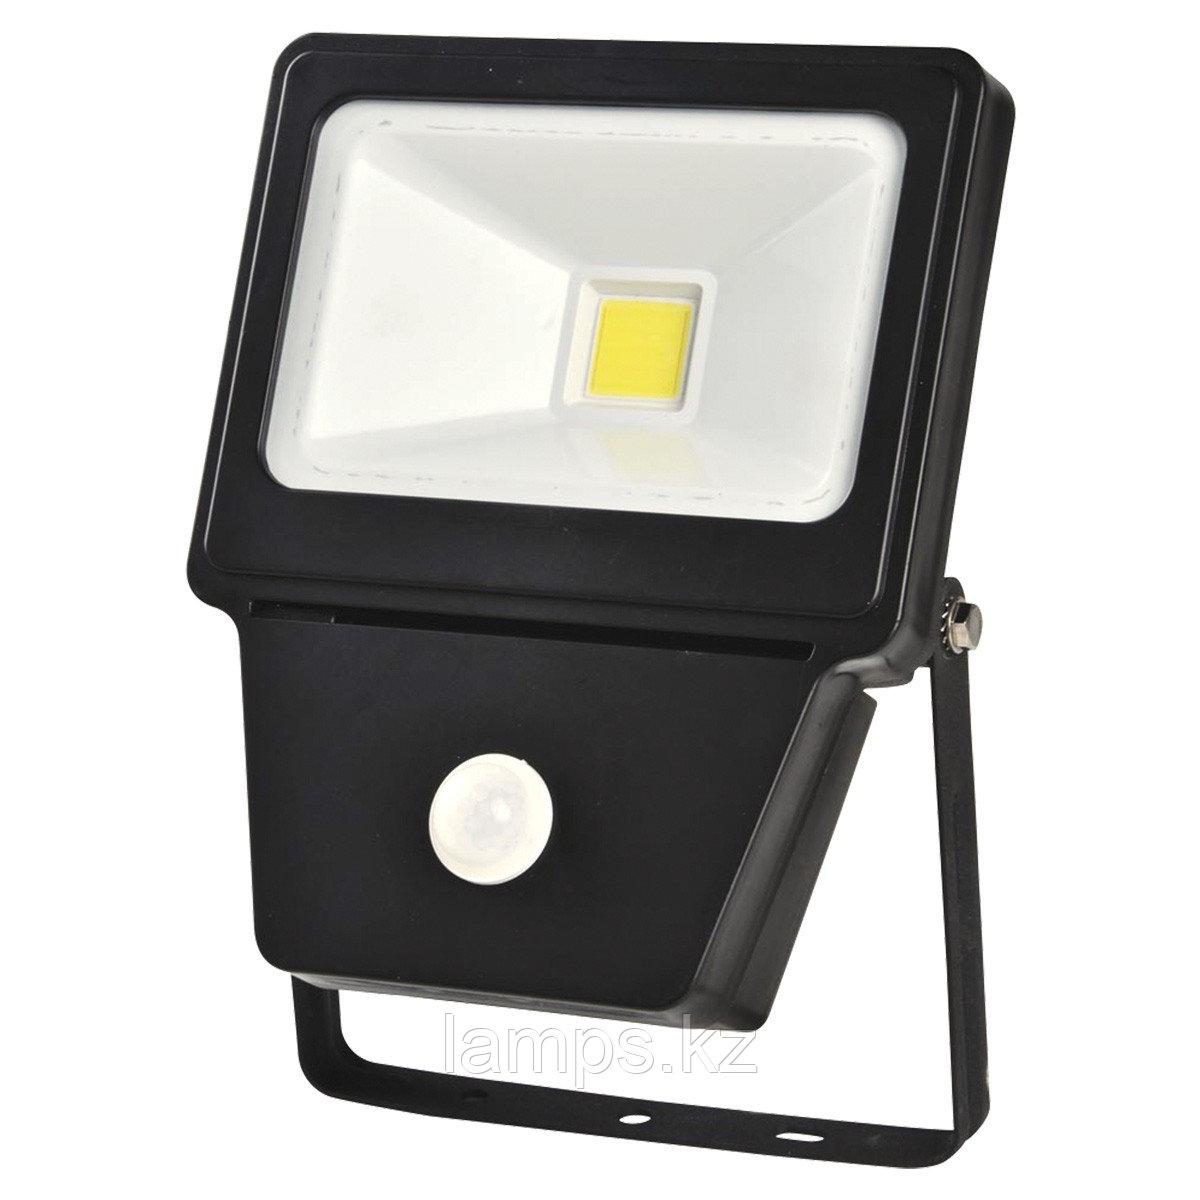 Светодиодный прожектор с датчиком движения. LED COB SENSOR 30W BLACK 6000K